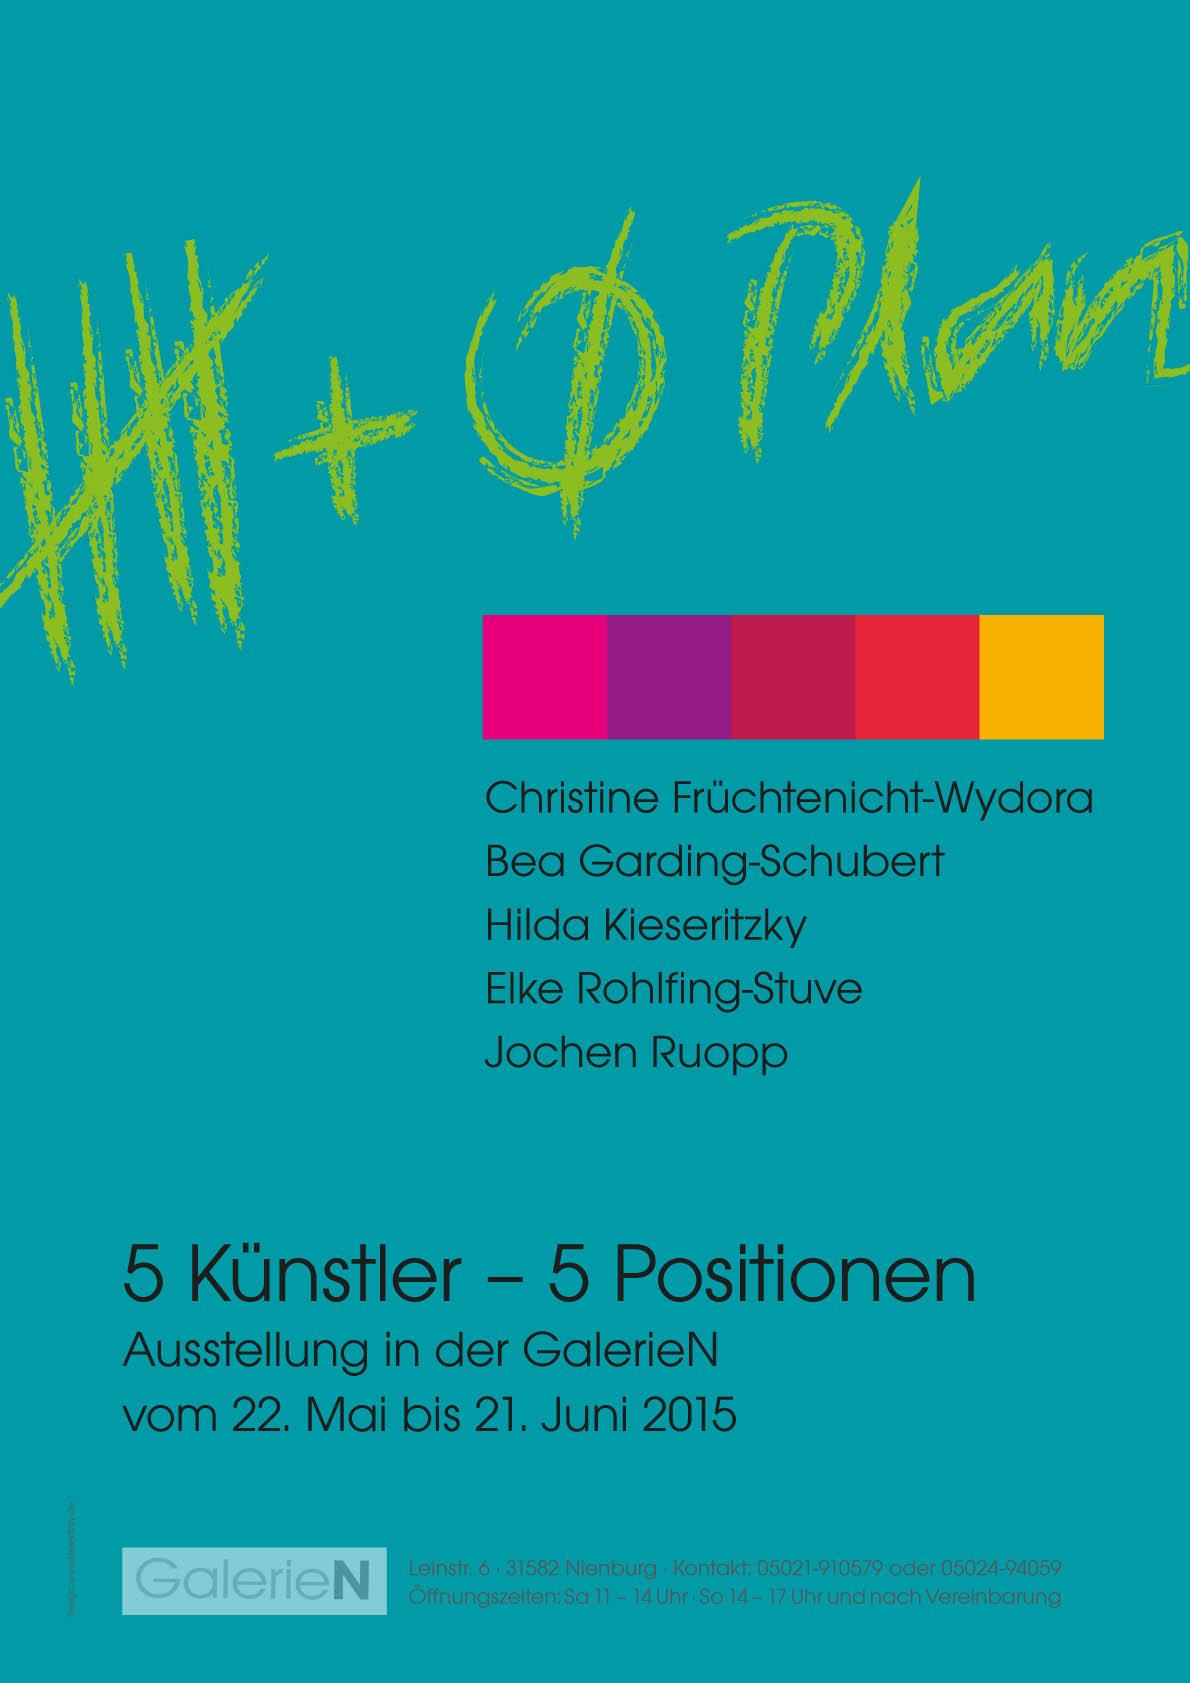 Galerie-n-2015-kein-Plan